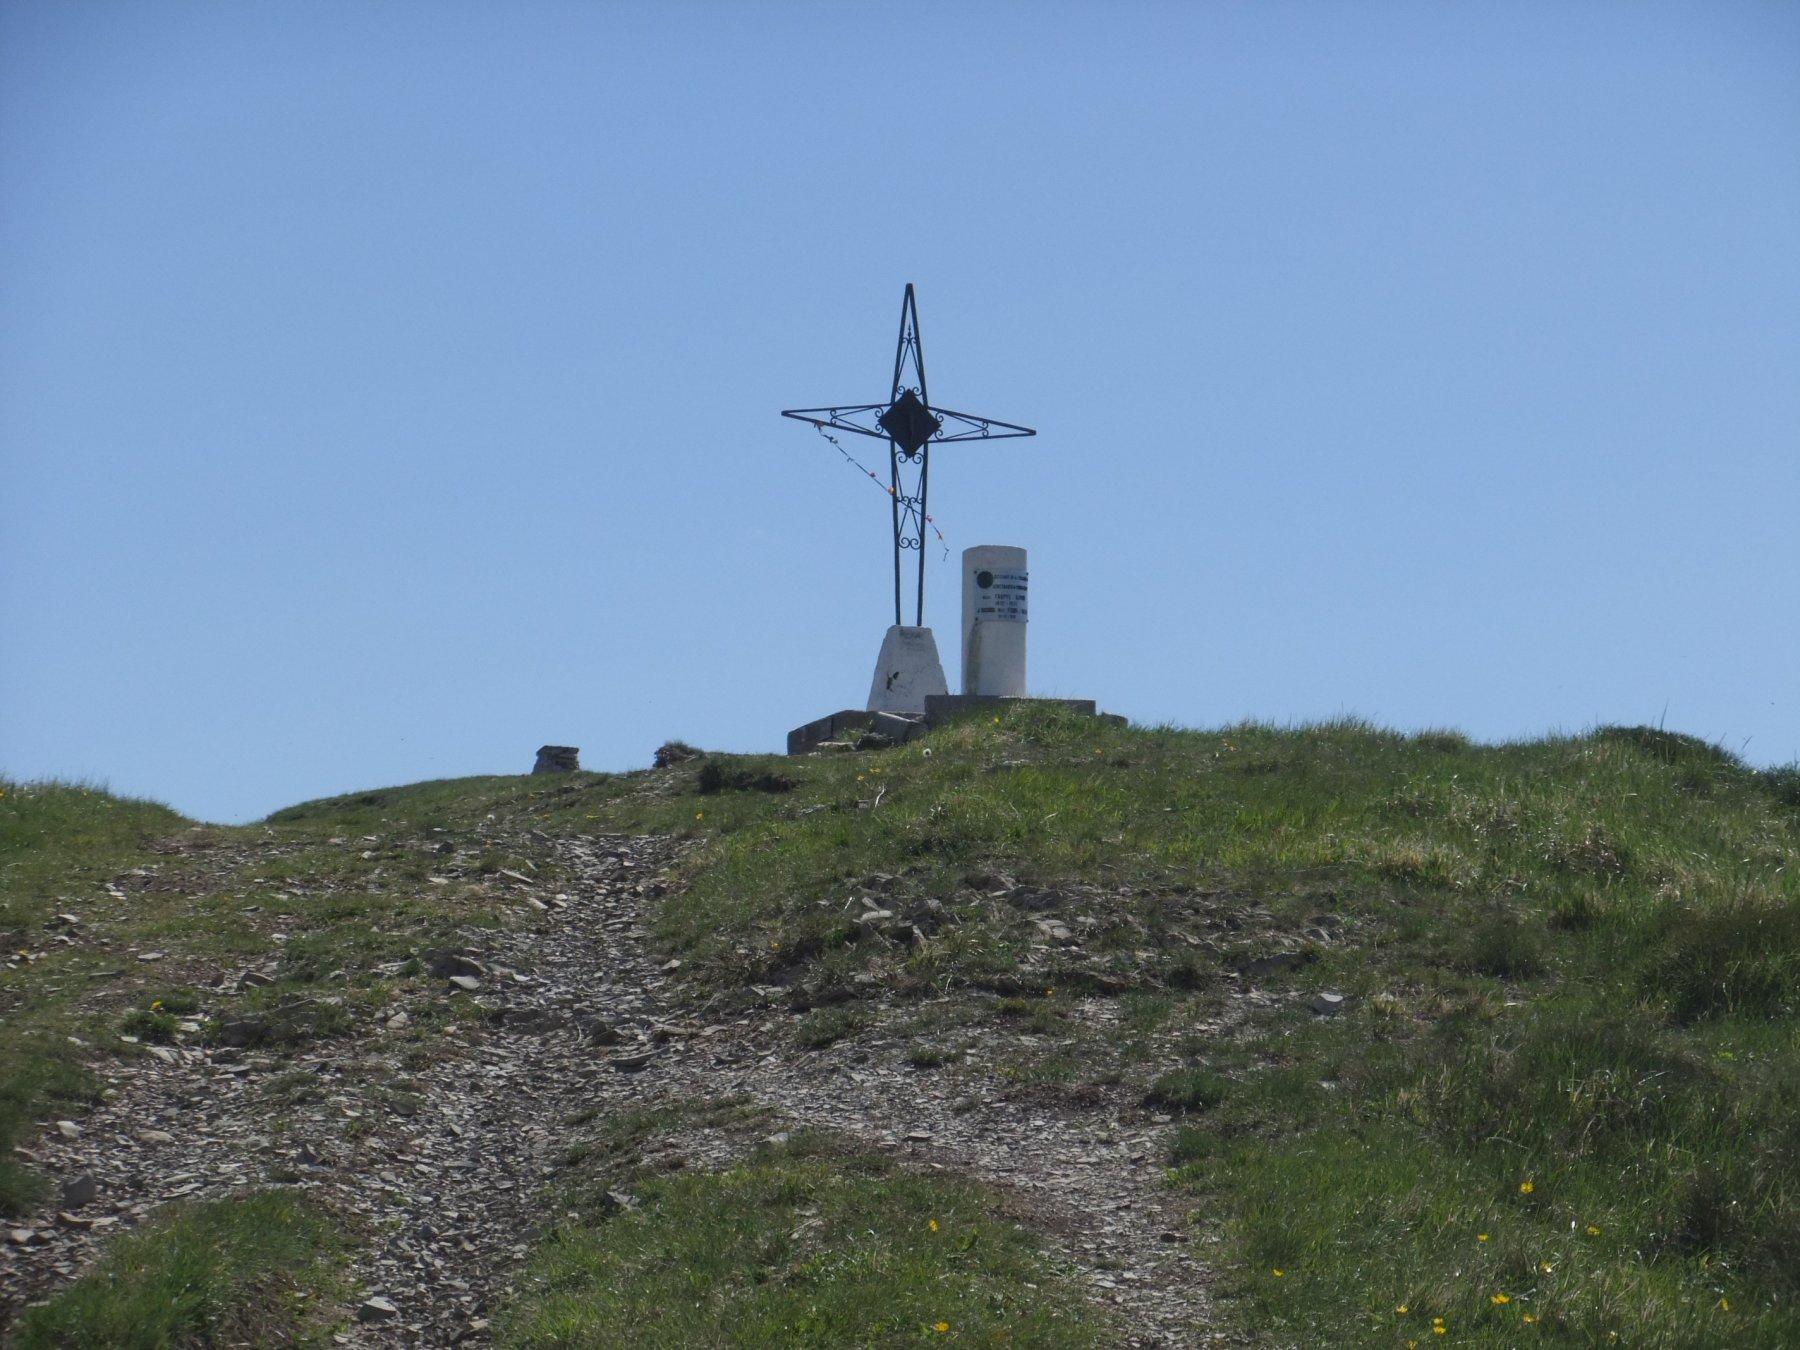 Ebro (Monte) da Cornareto per le Coste Branca, Braglie e Rivazza 2020-04-13